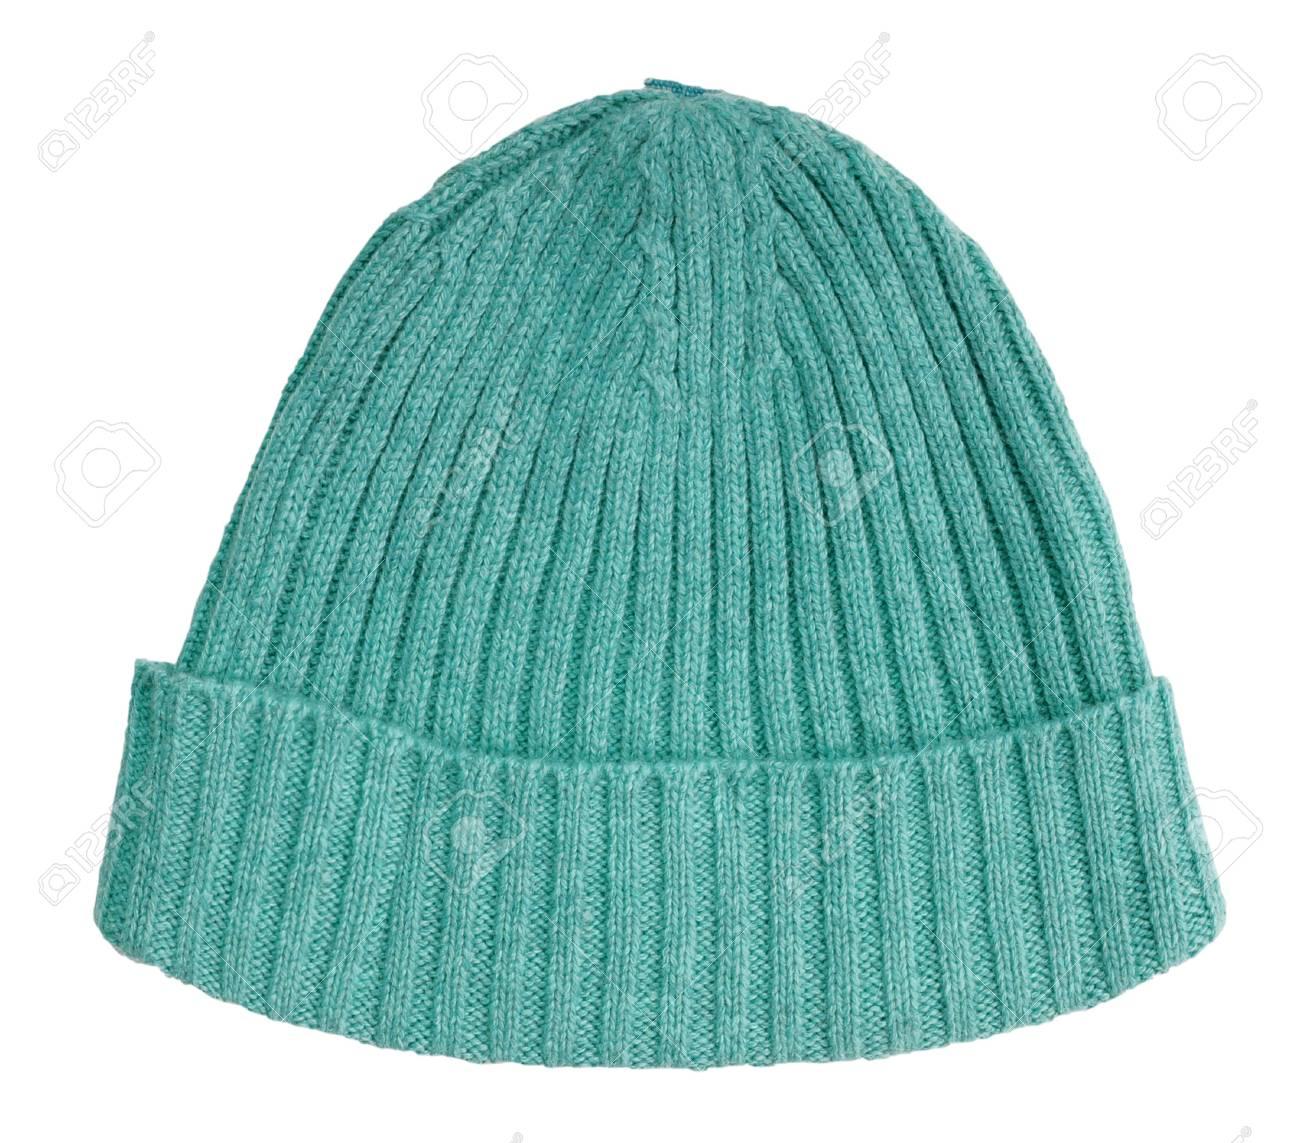 woolen cap Stock Photo - 16959572